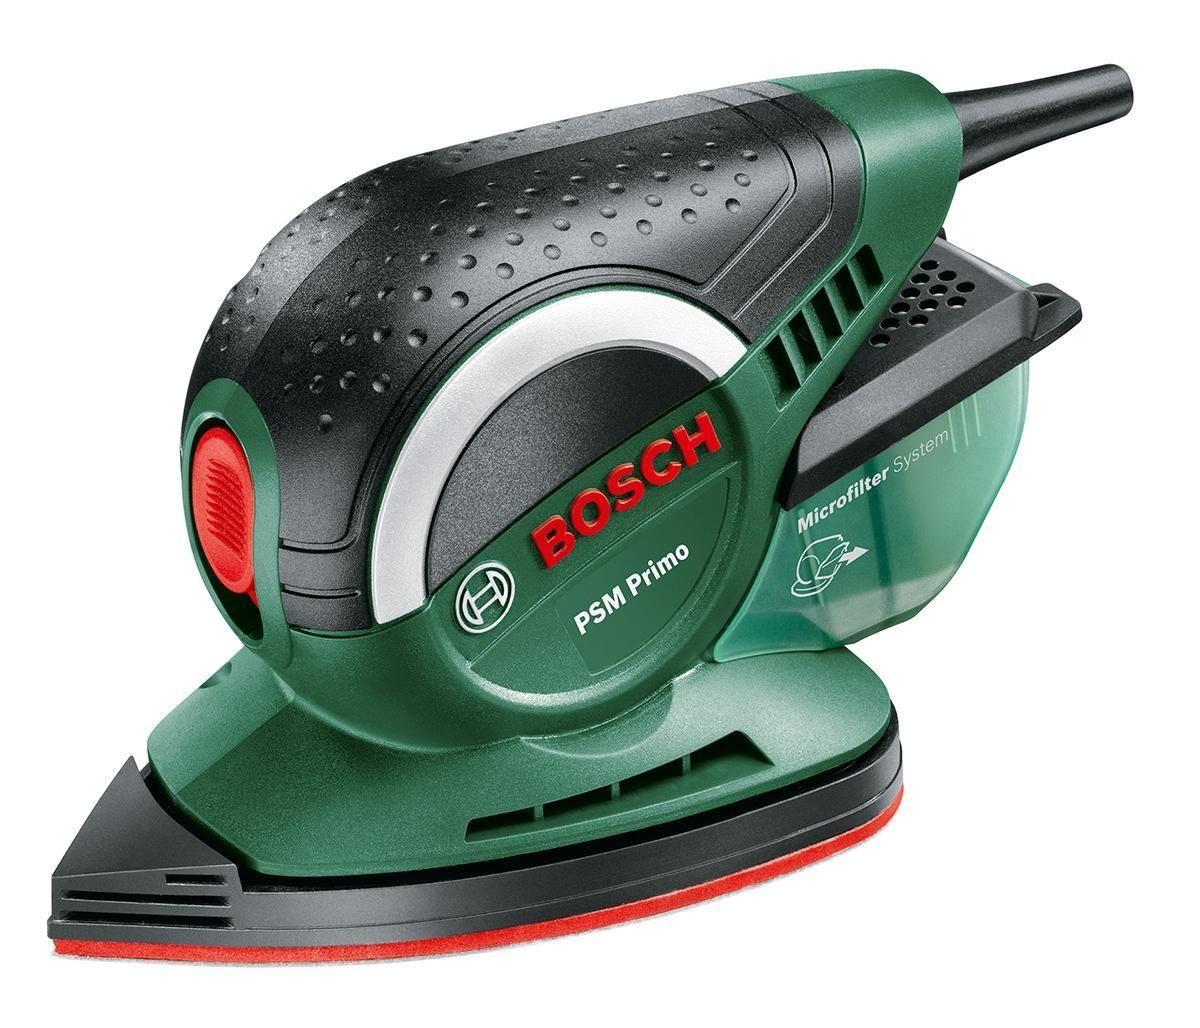 цена на Машинка шлифовальная плоская (вибрационная) Bosch Psm primo (06033b8020)